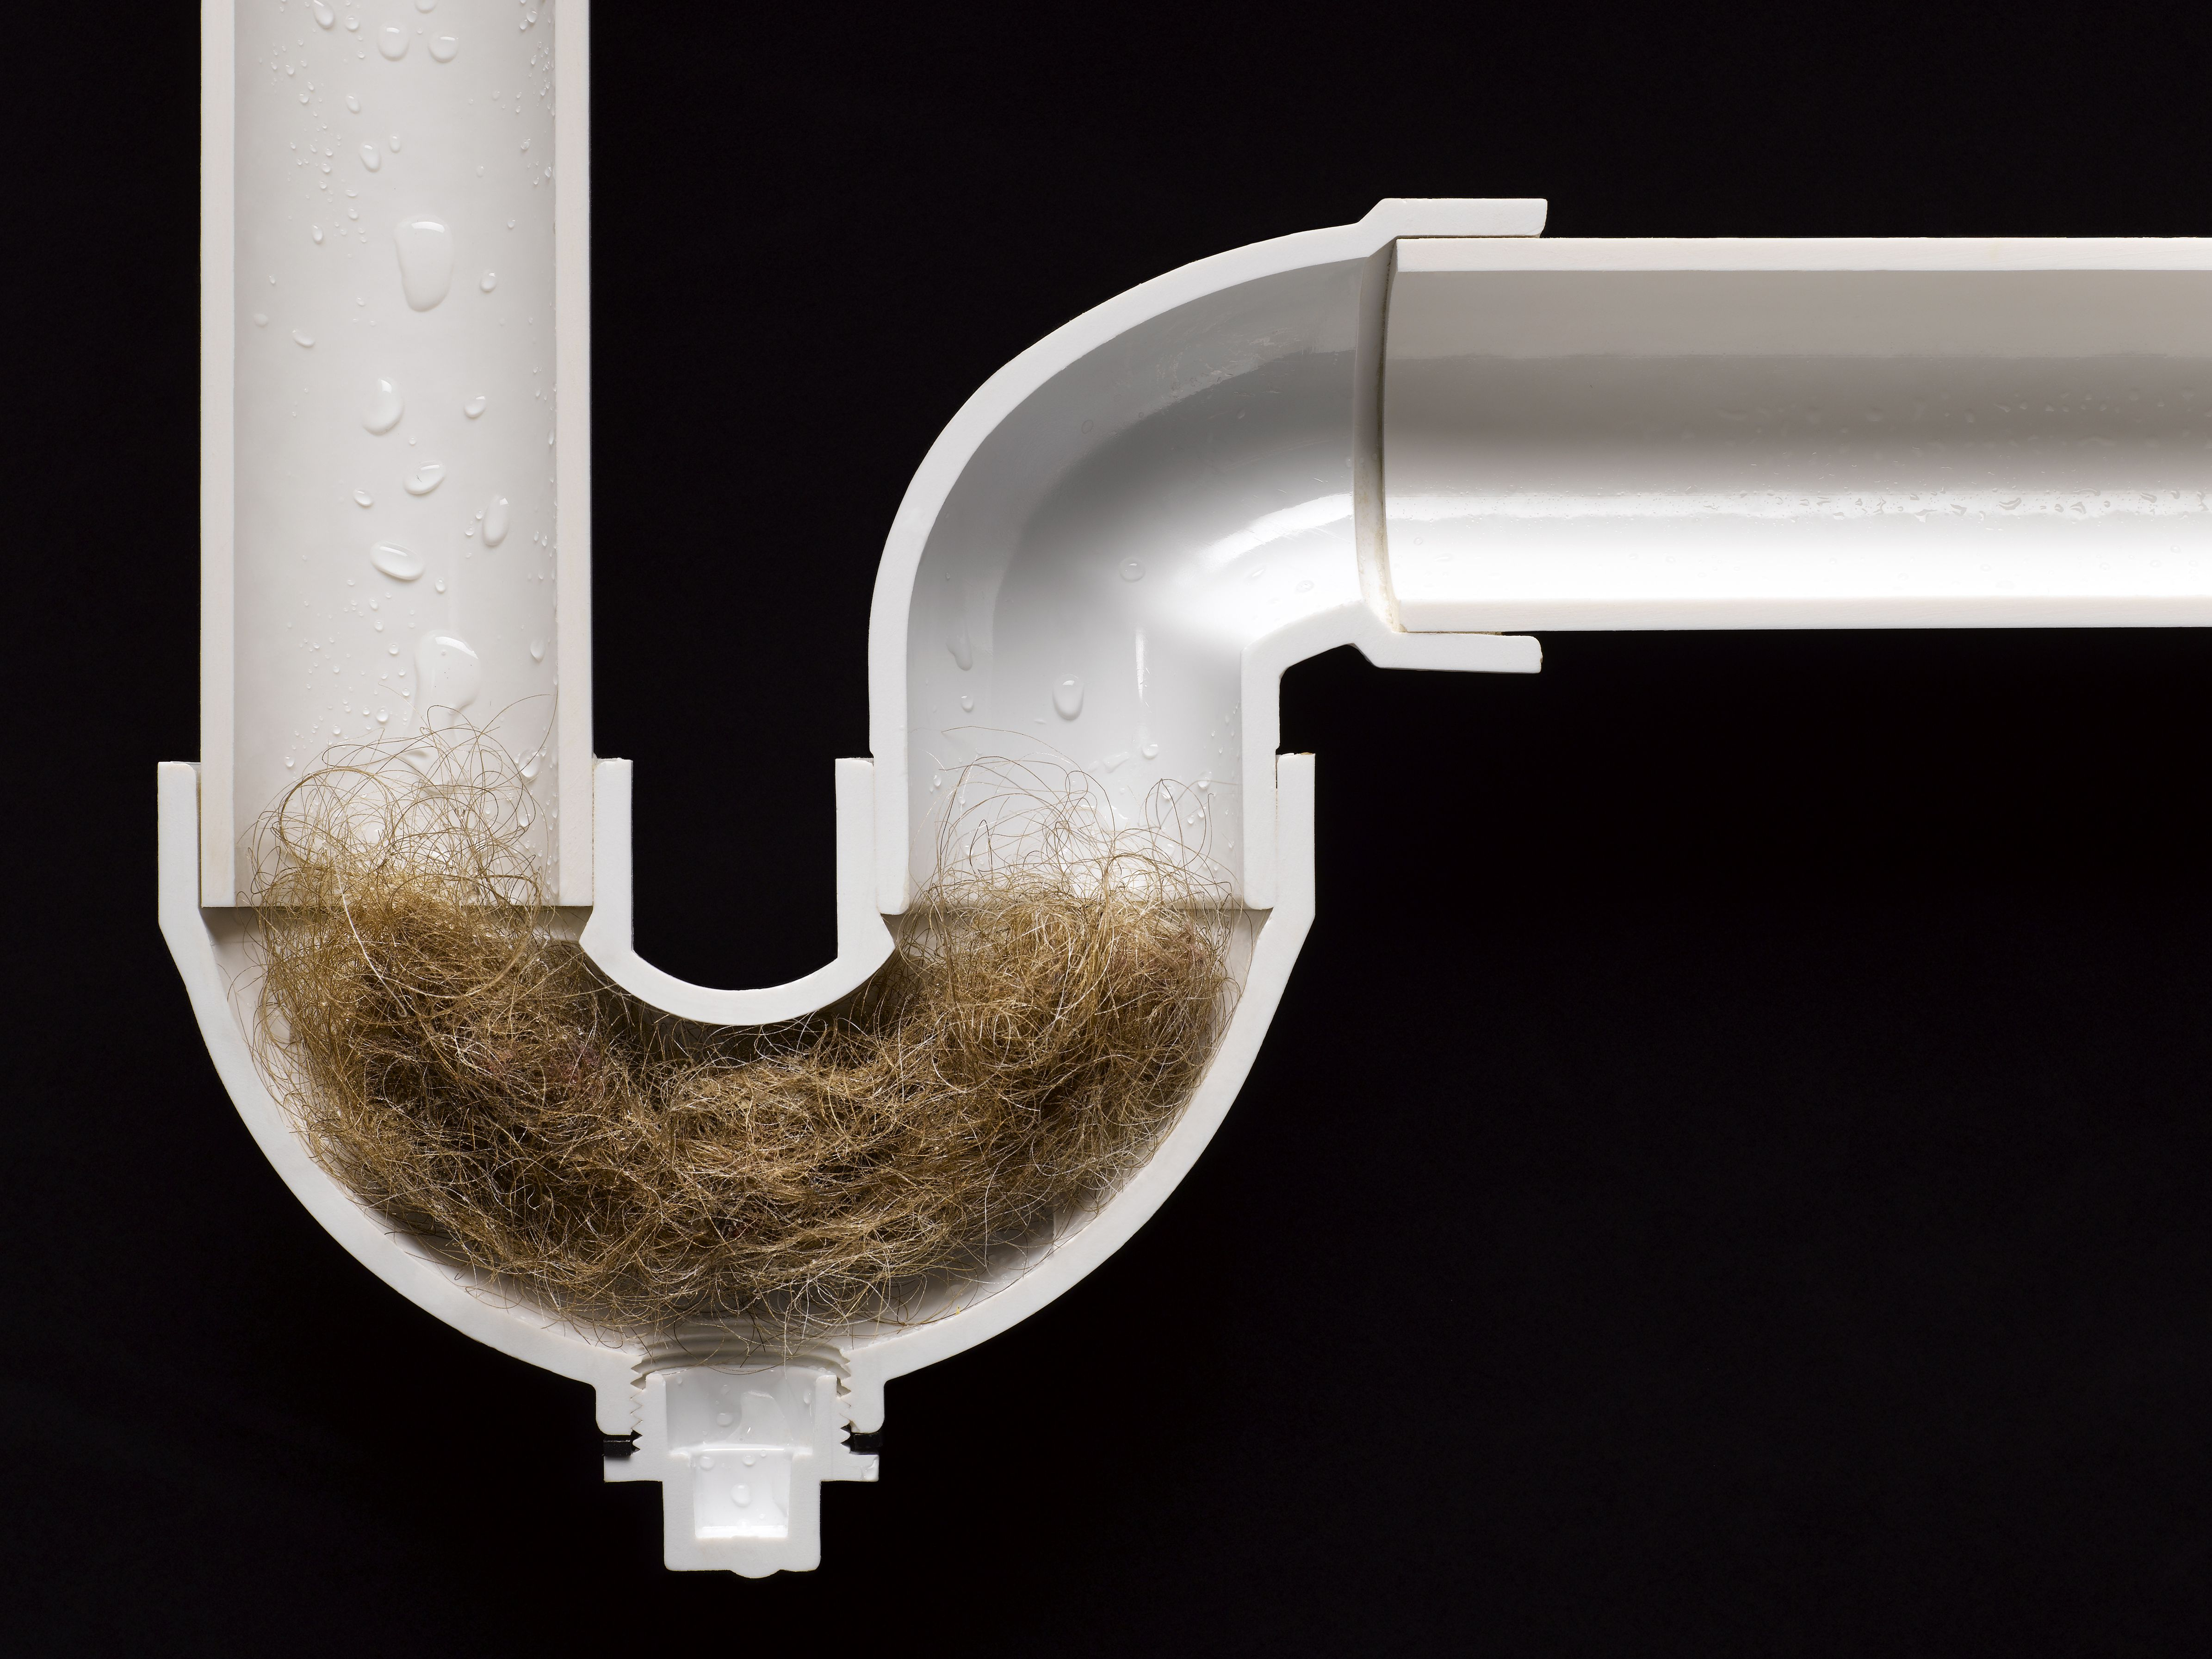 Как убрать запах из выгребных ям: обзор разных способов и средств